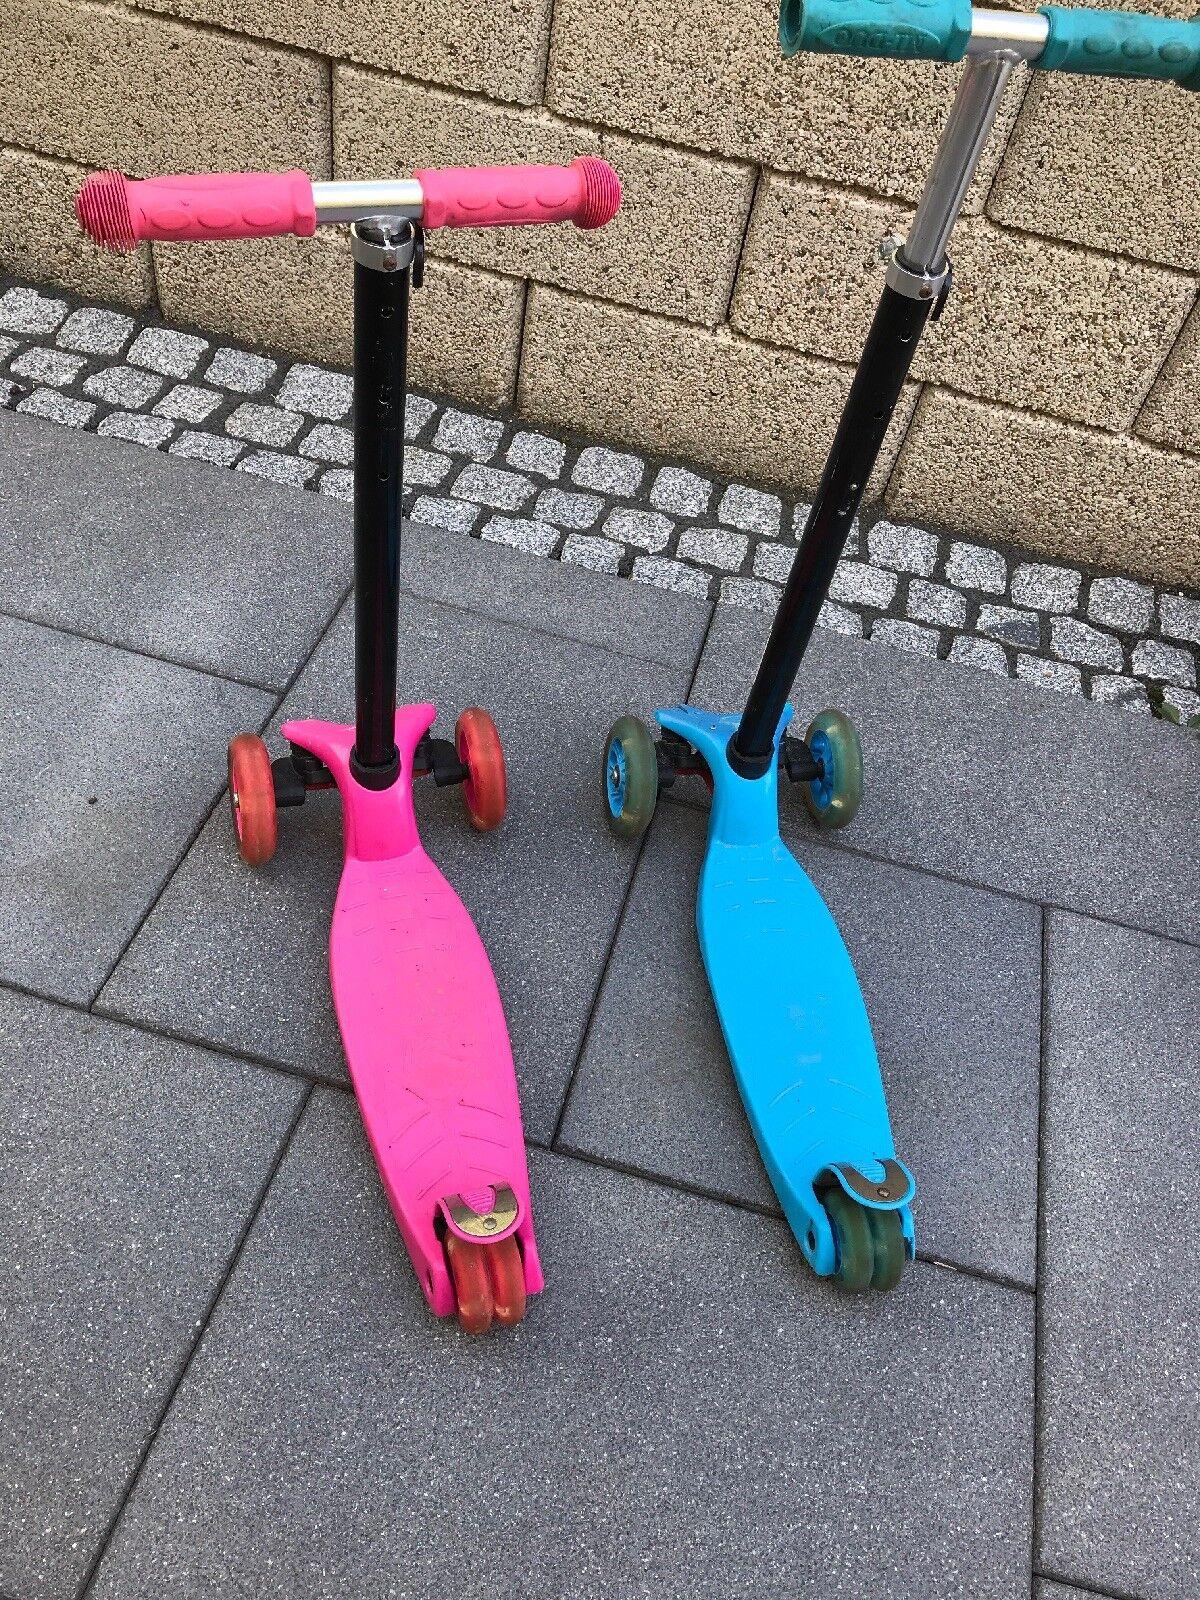 2 Rosa+blau Scooter Kinder Roller tretroller Kickscooter 3 räder mit LED Licht